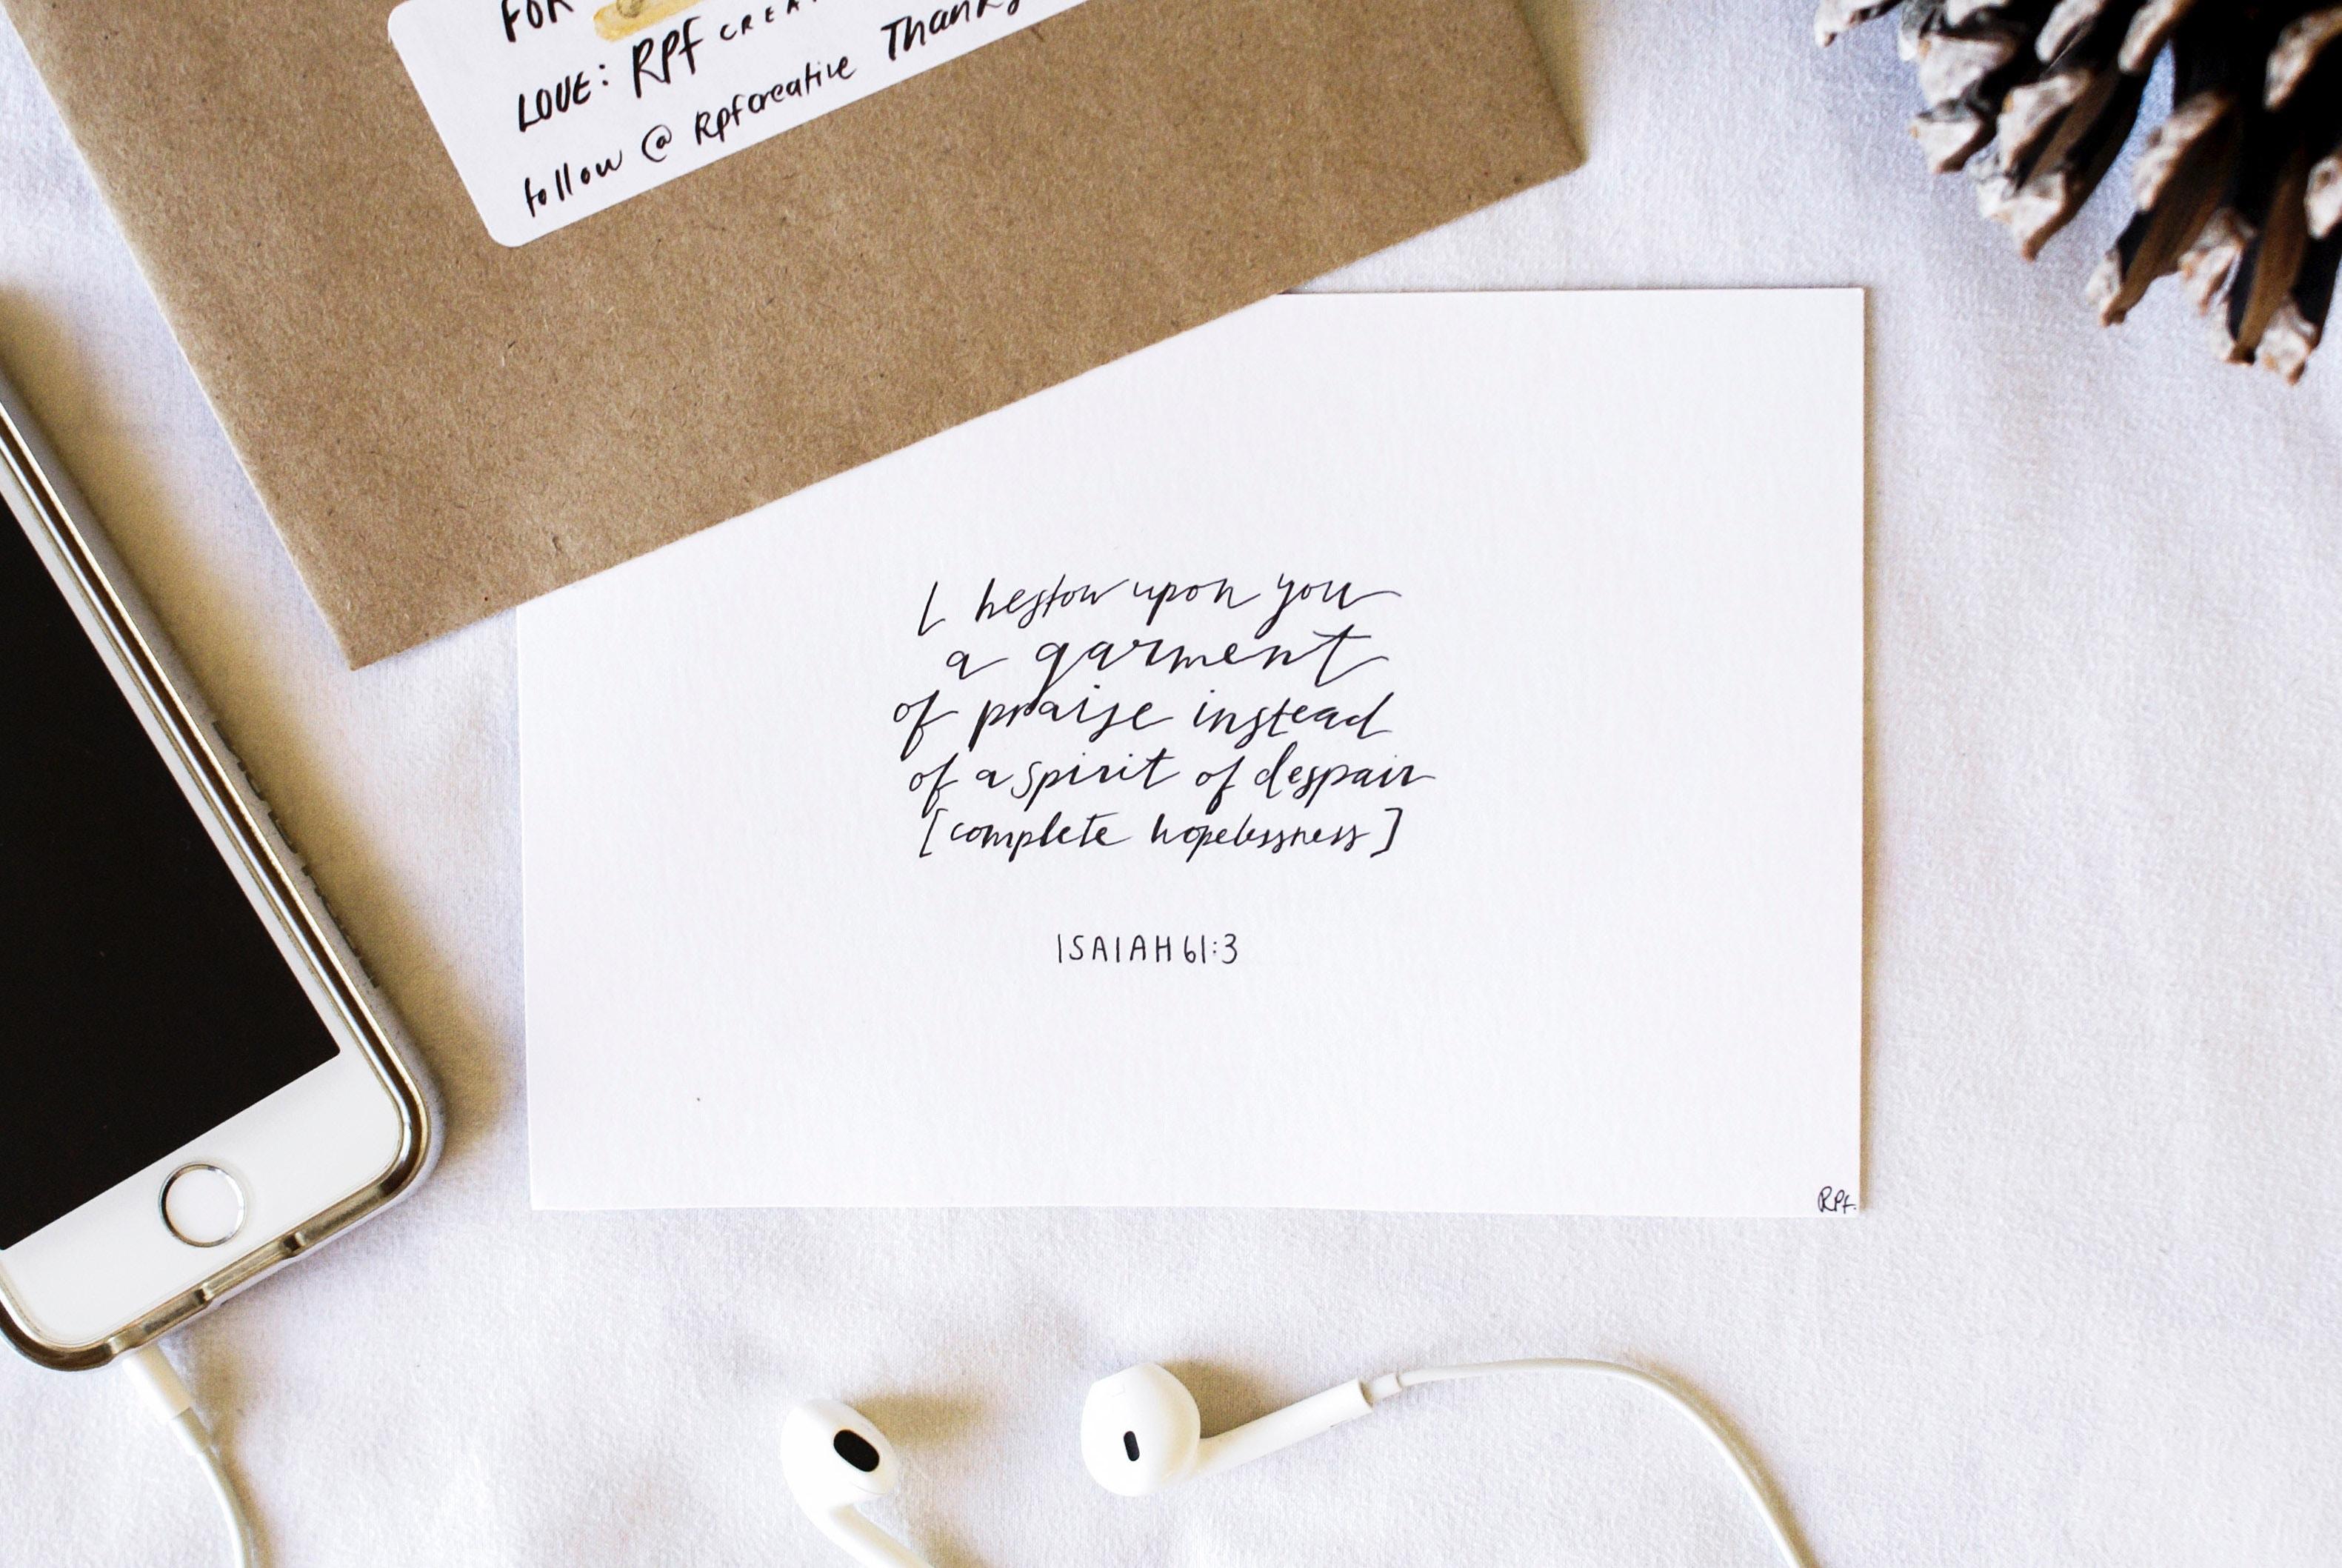 このまま使える!就活のお礼メール例文集と書き方のポイント